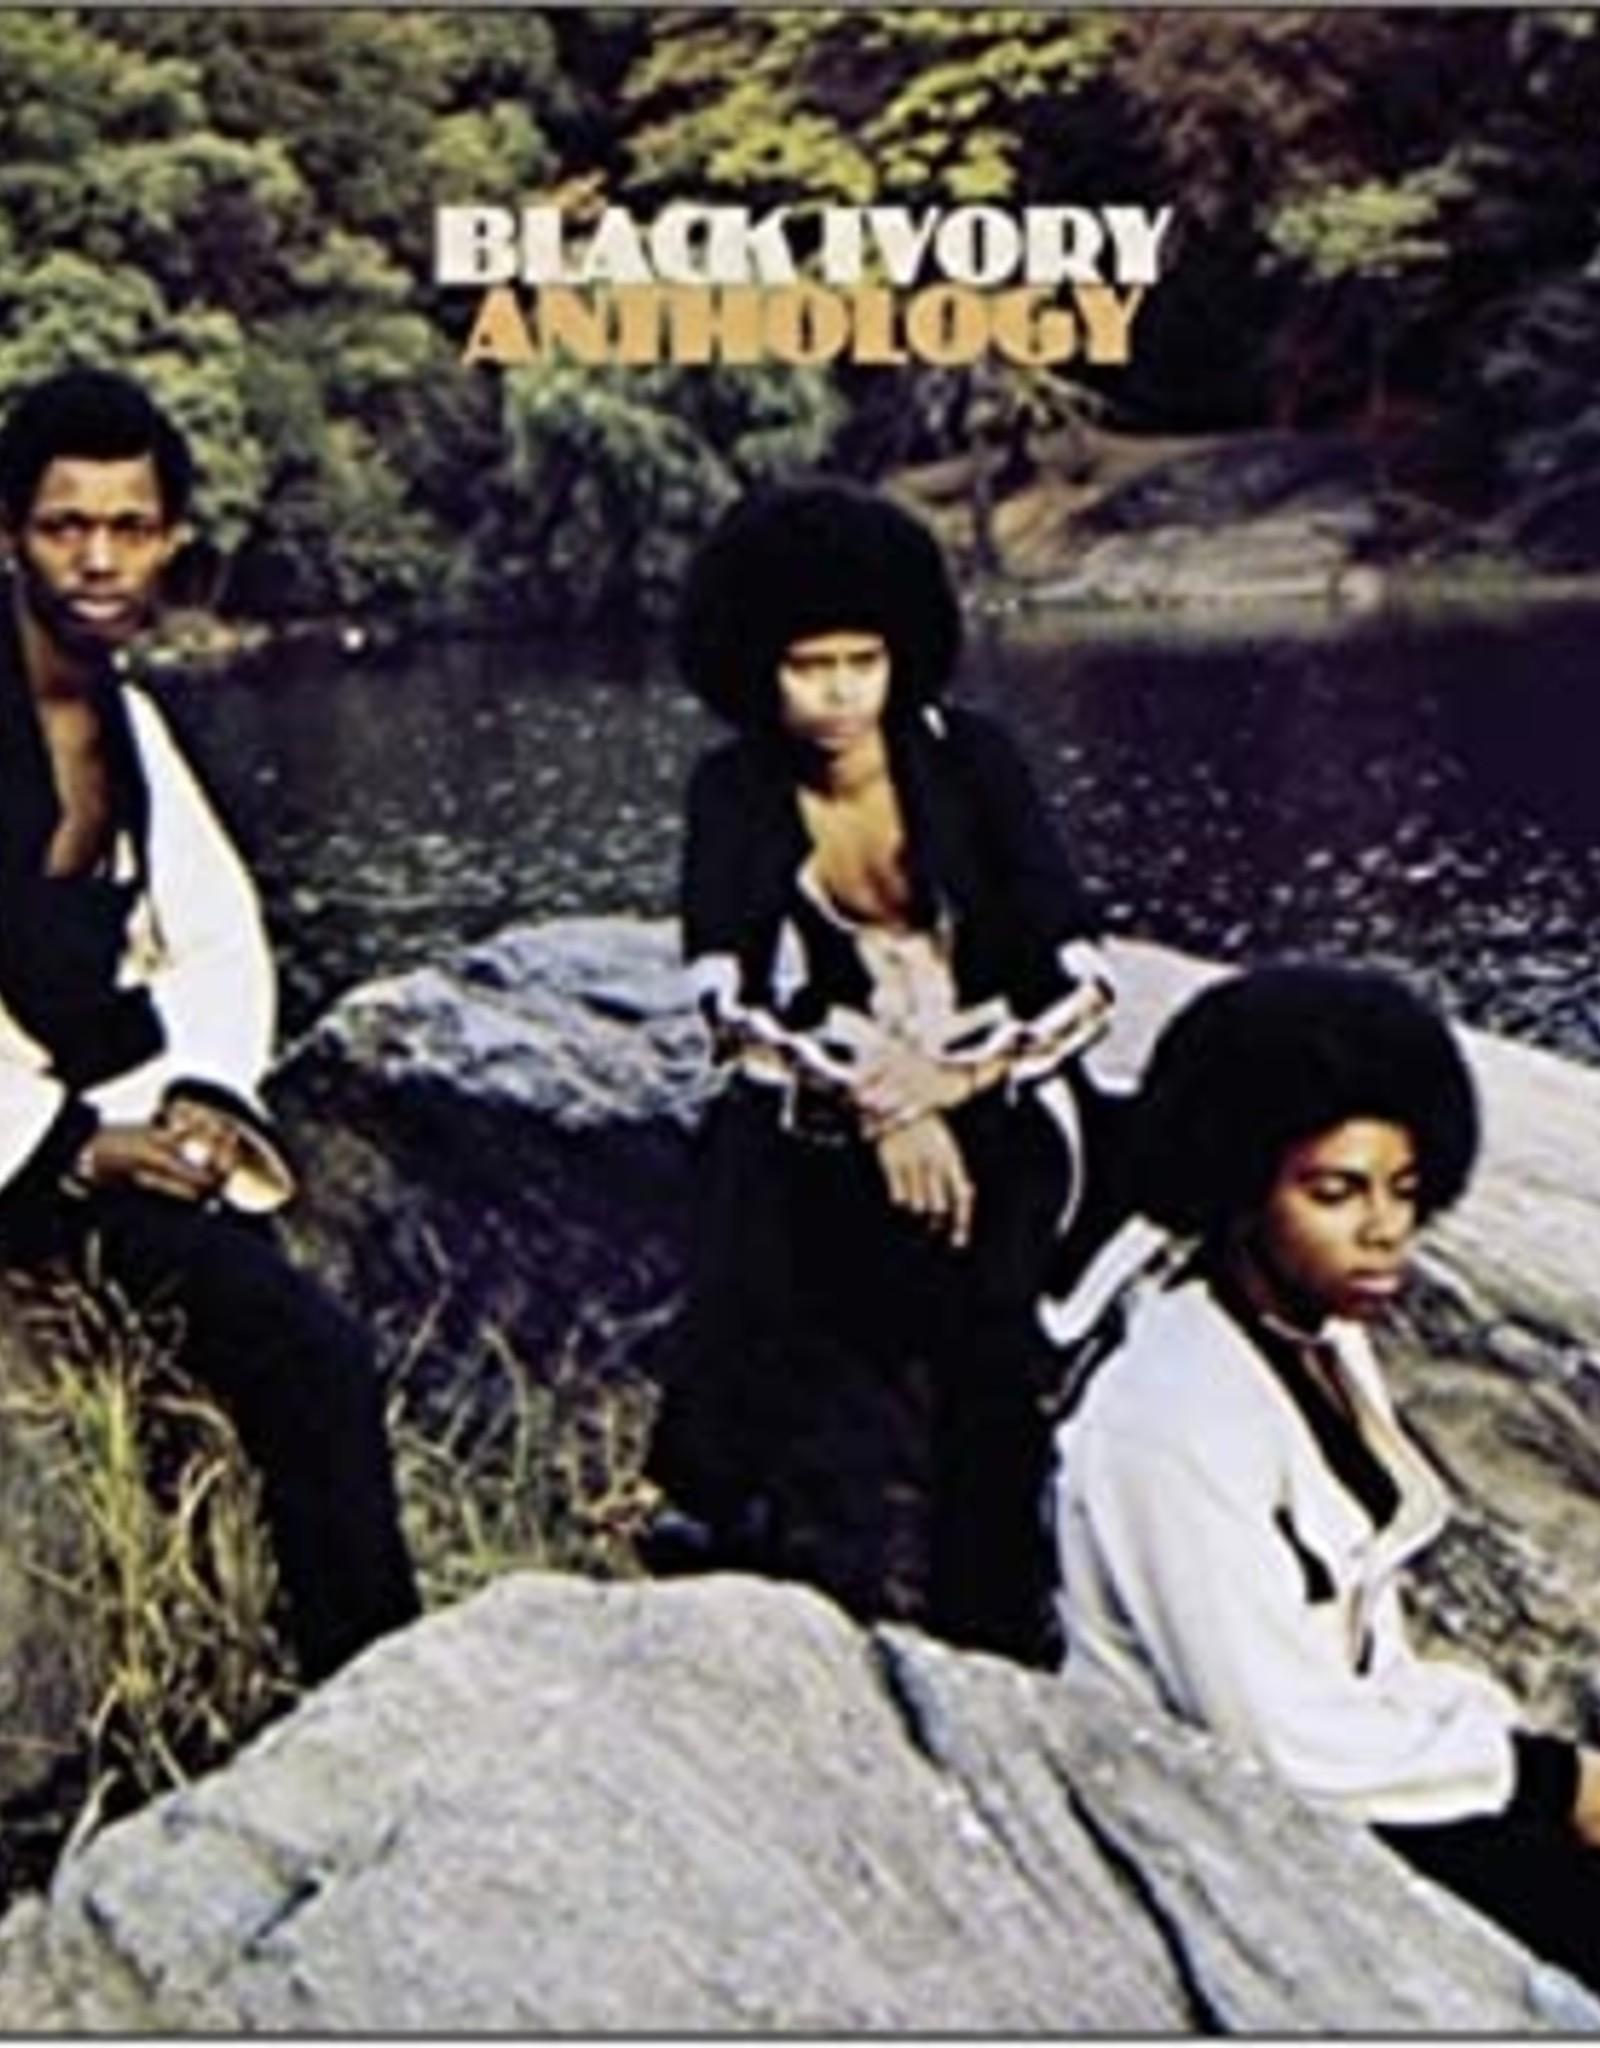 Black Ivory - Anthology (2 Lp'S)